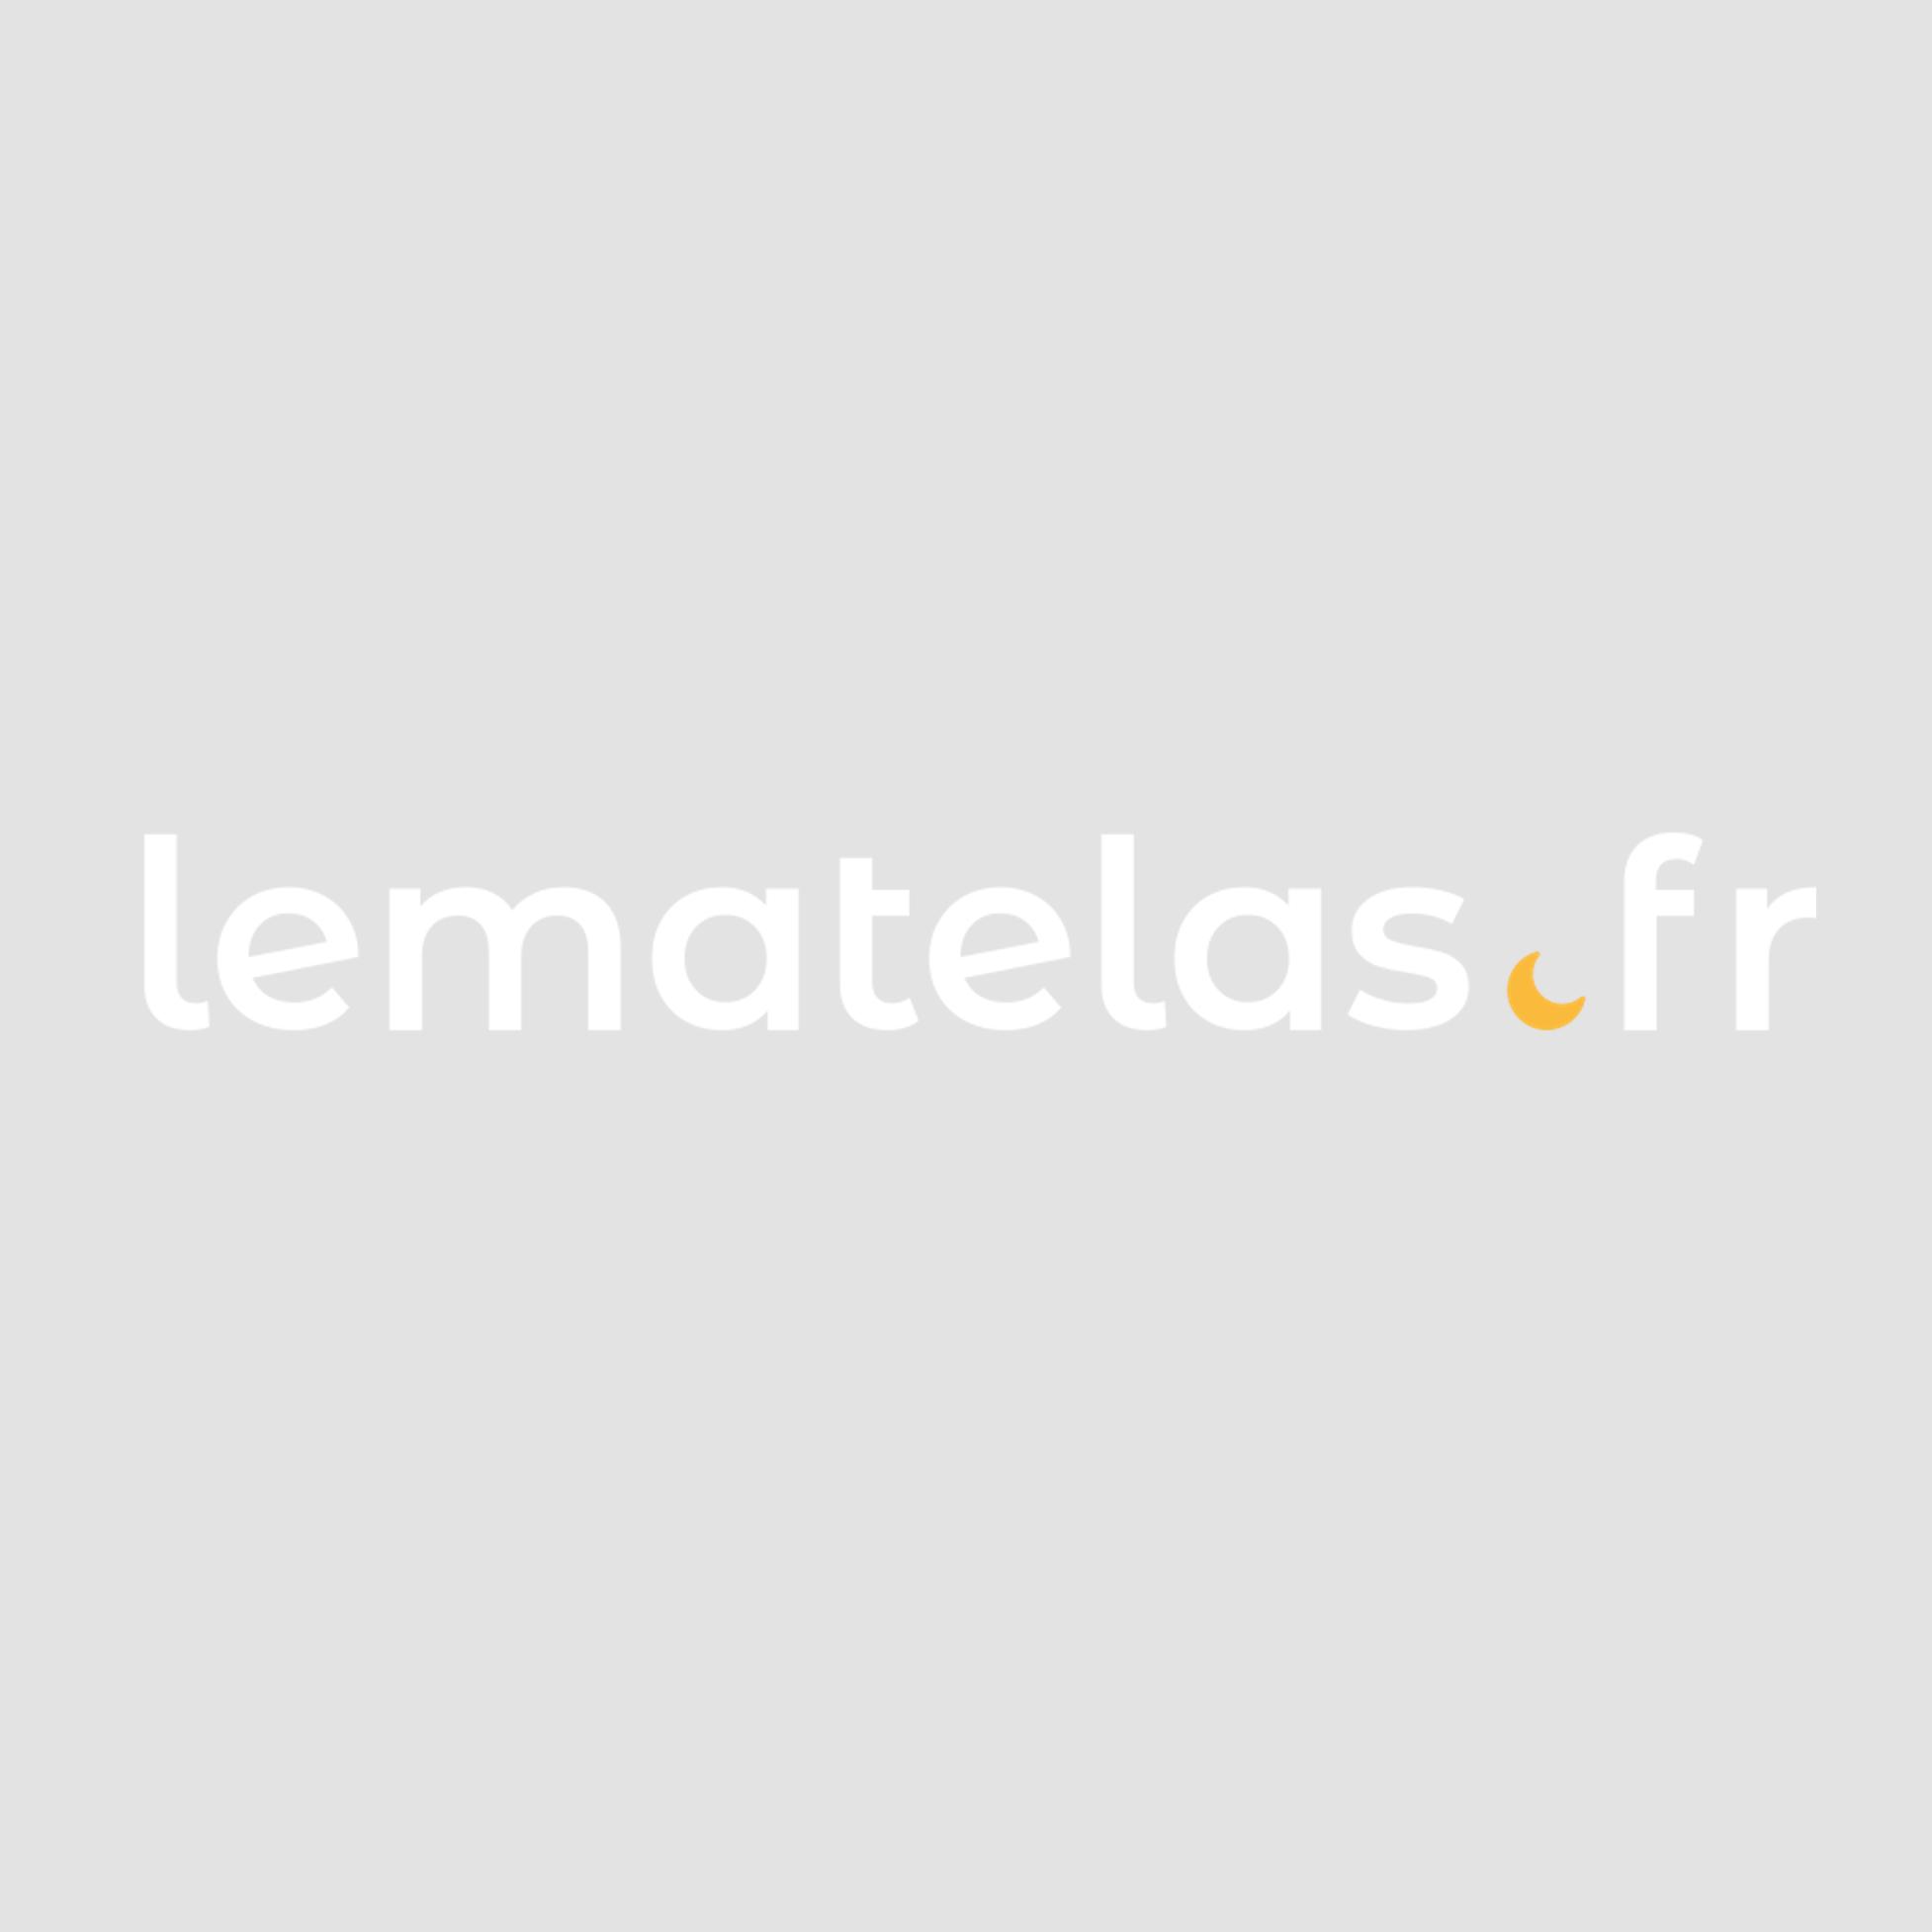 Bureau en bois blanc à tréteaux verts - BU0003